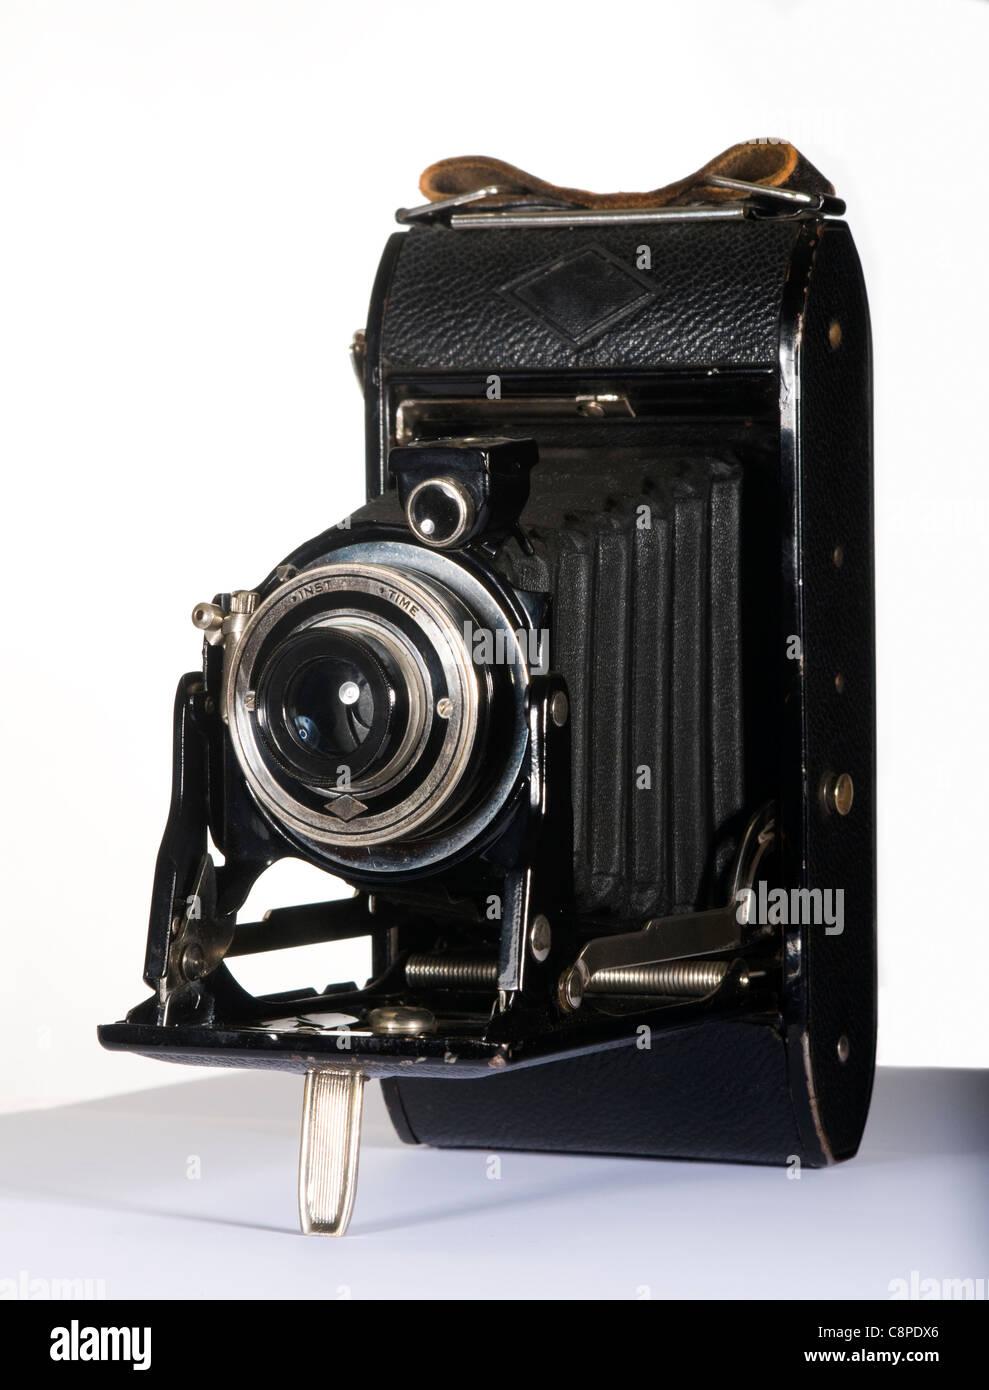 1930s-1940s Folding Camera Isolated on White - Stock Image